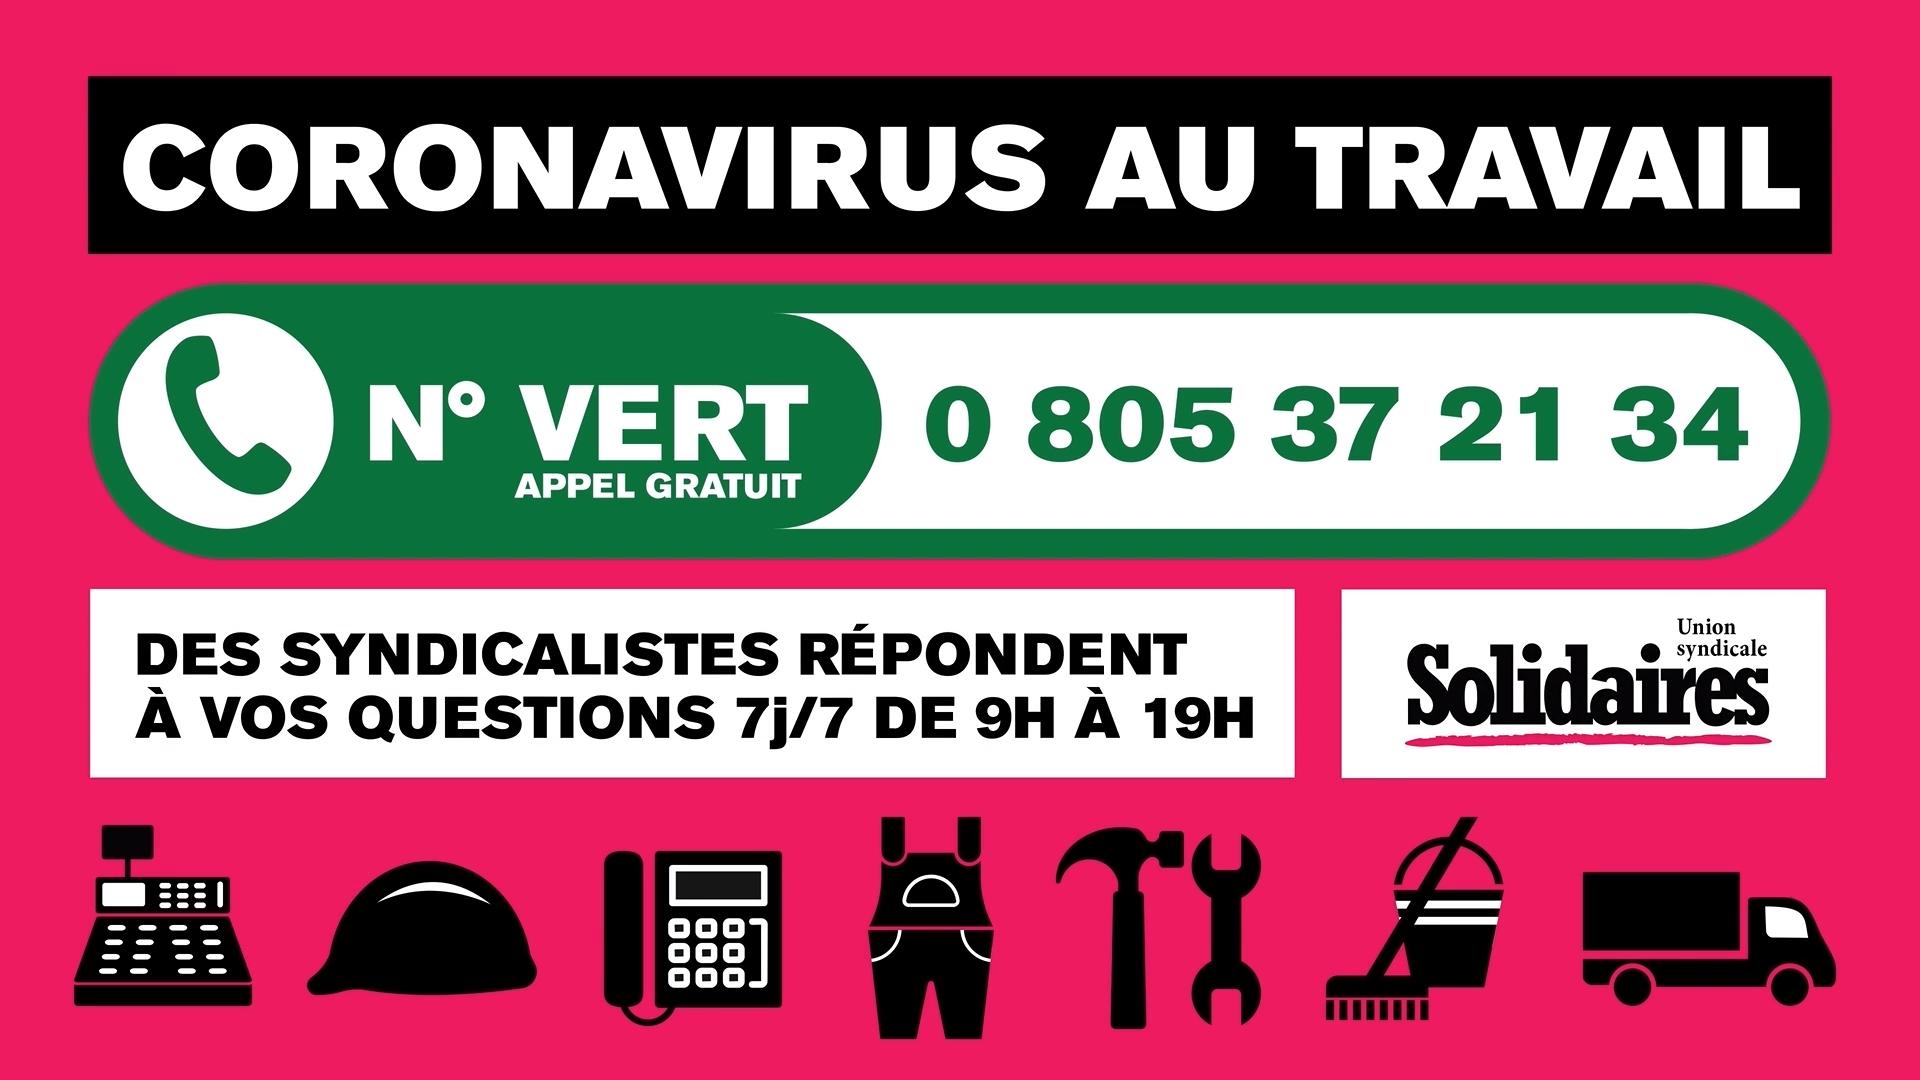 200427 - Capture d'écran clip Solidaires numéro vert chômage partiel - La Déviation